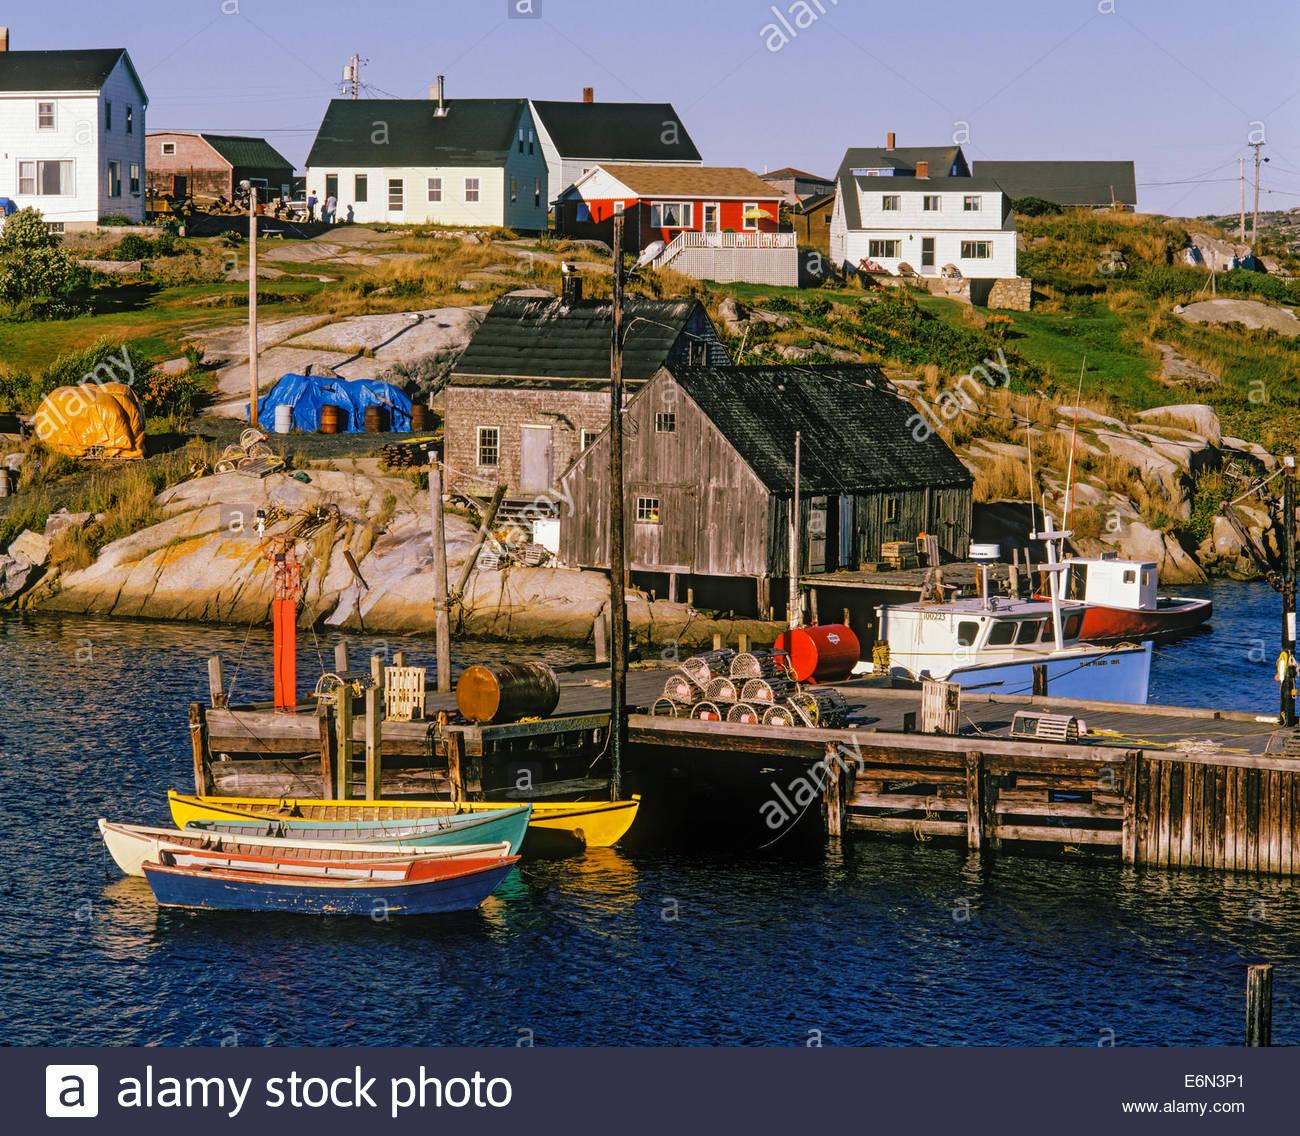 Fishing Village Of Peggys Cove In Nova Scotia Canada Stock